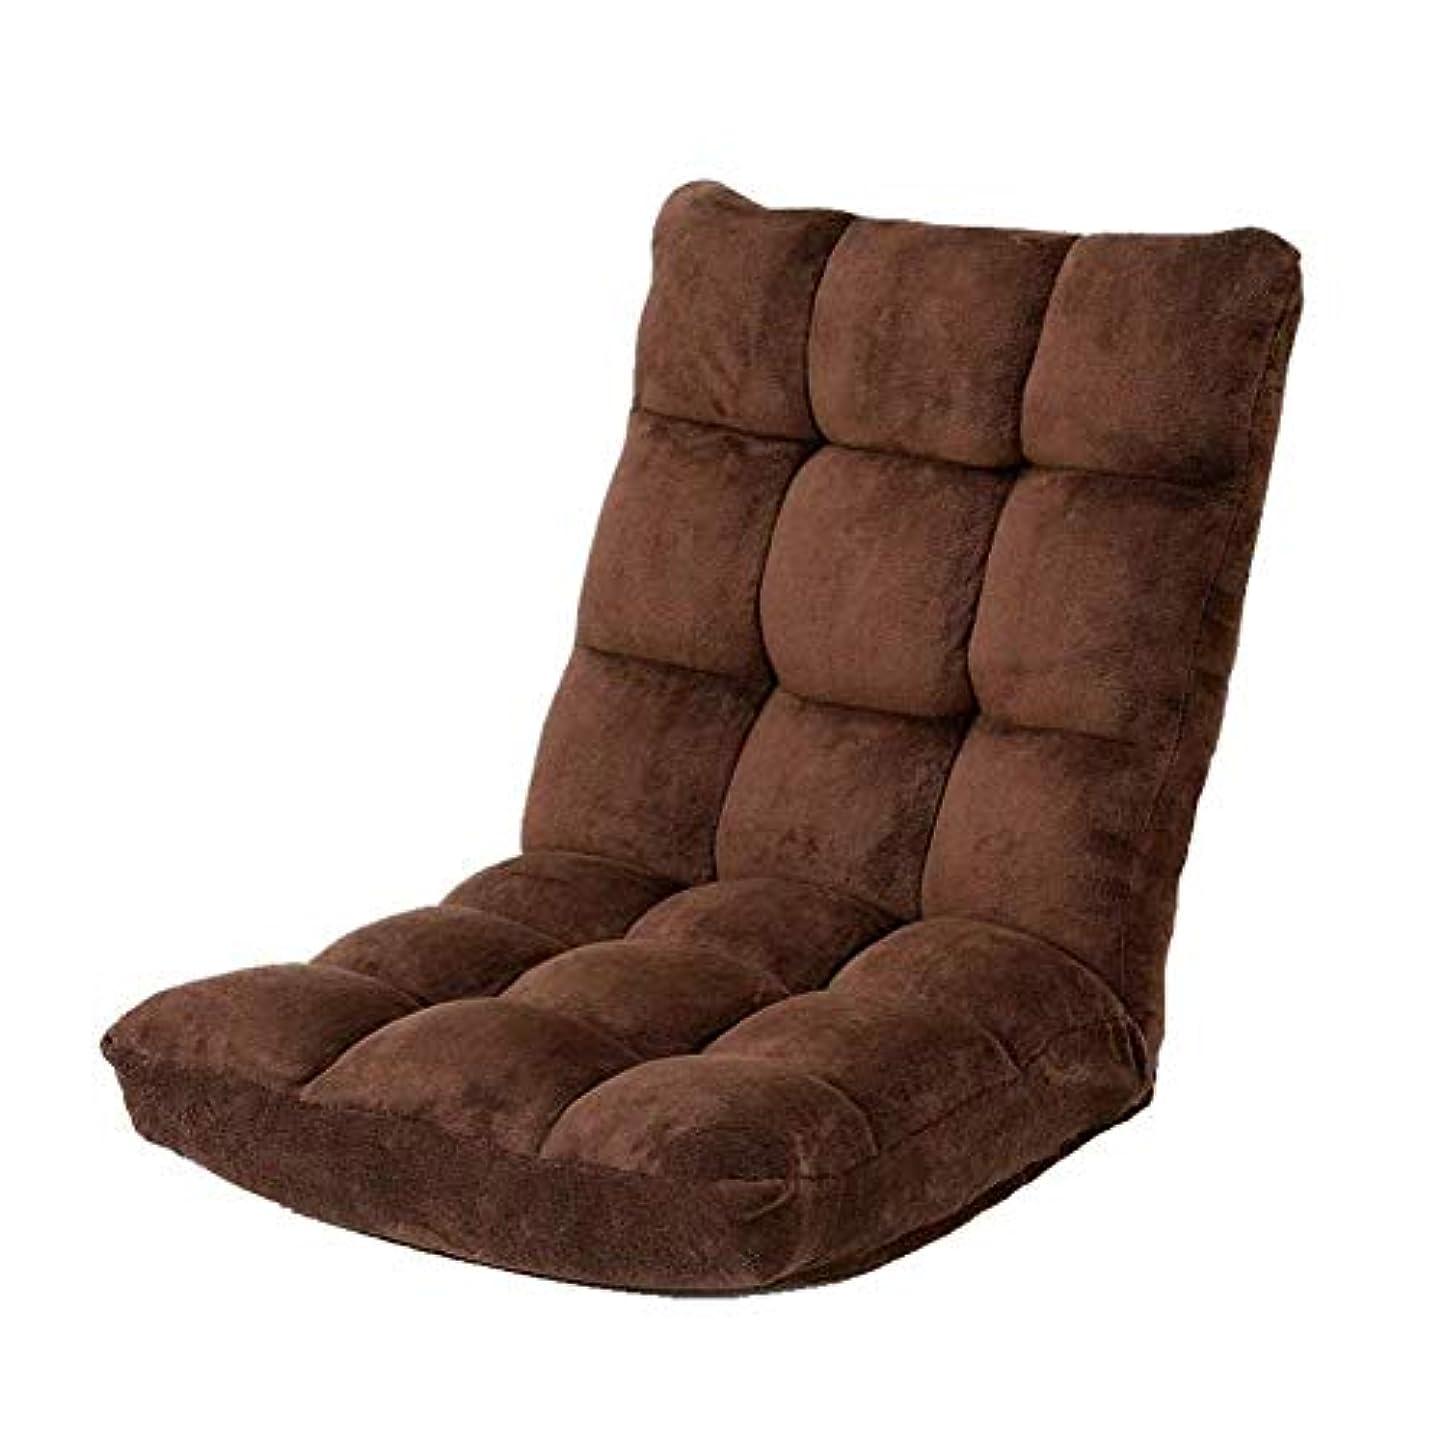 コイル注意信条瞑想用椅子、座りソファー、折りたたみ式畳床、折りたたみ式解体および洗濯可能増粘、レッグレスカジュアルシングルリクライニングベッド (Color : Brown)